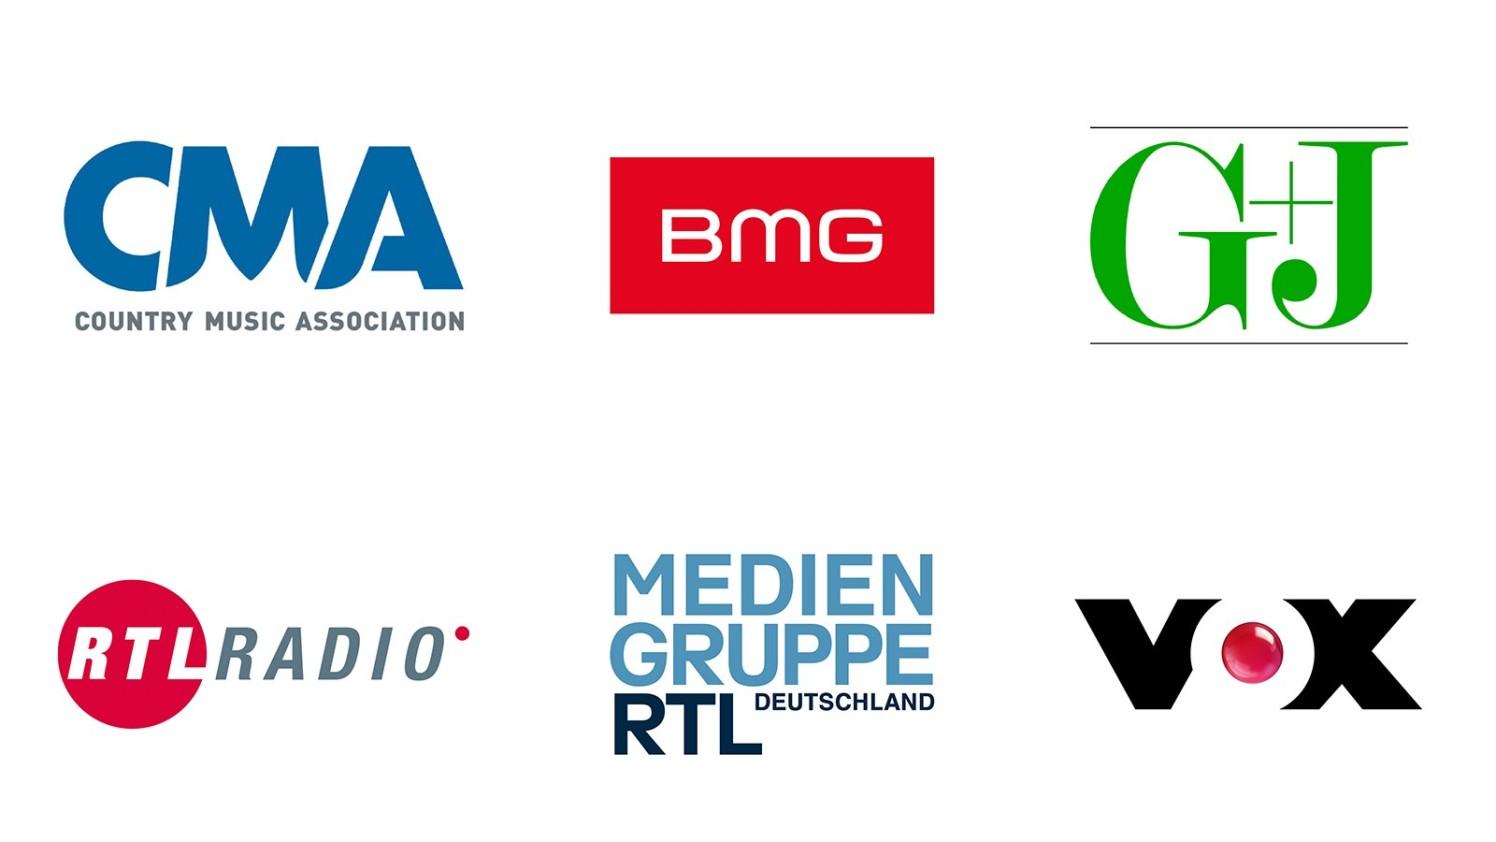 RTL Group - Bertelsmann SE & Co  KGaA